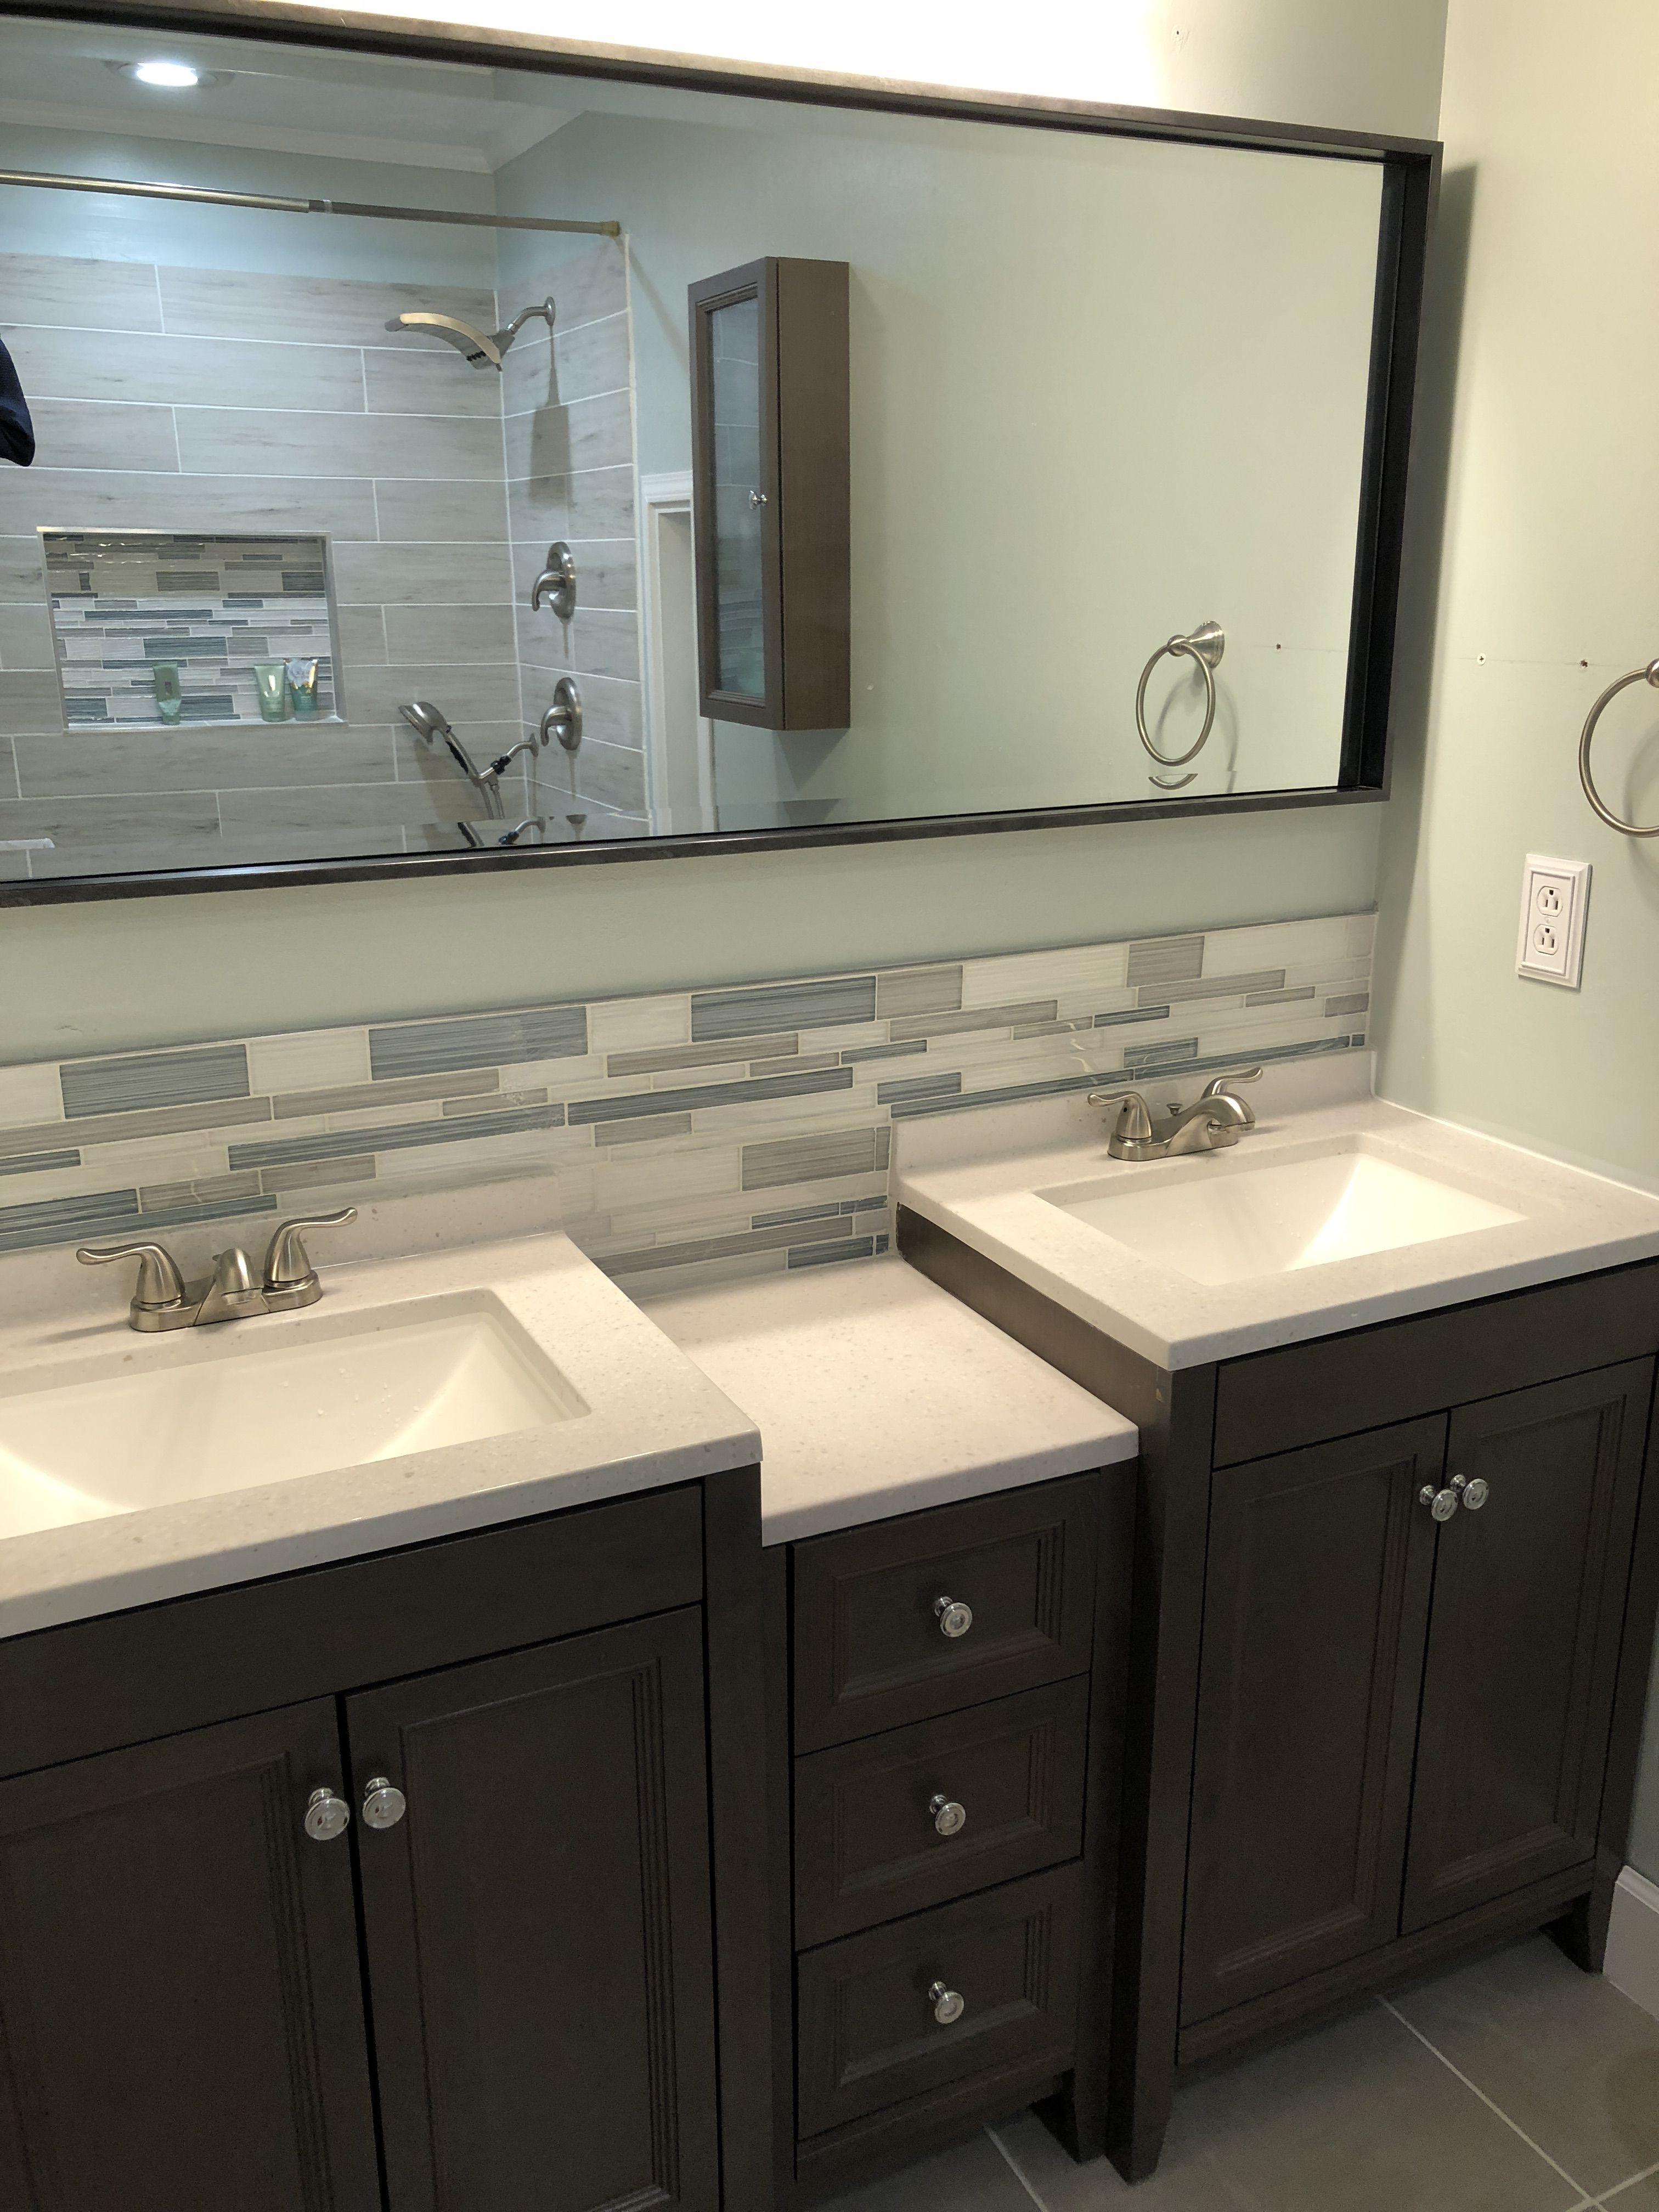 Glacier Bay Delridge In Flagstone Bathroom Suite 2019